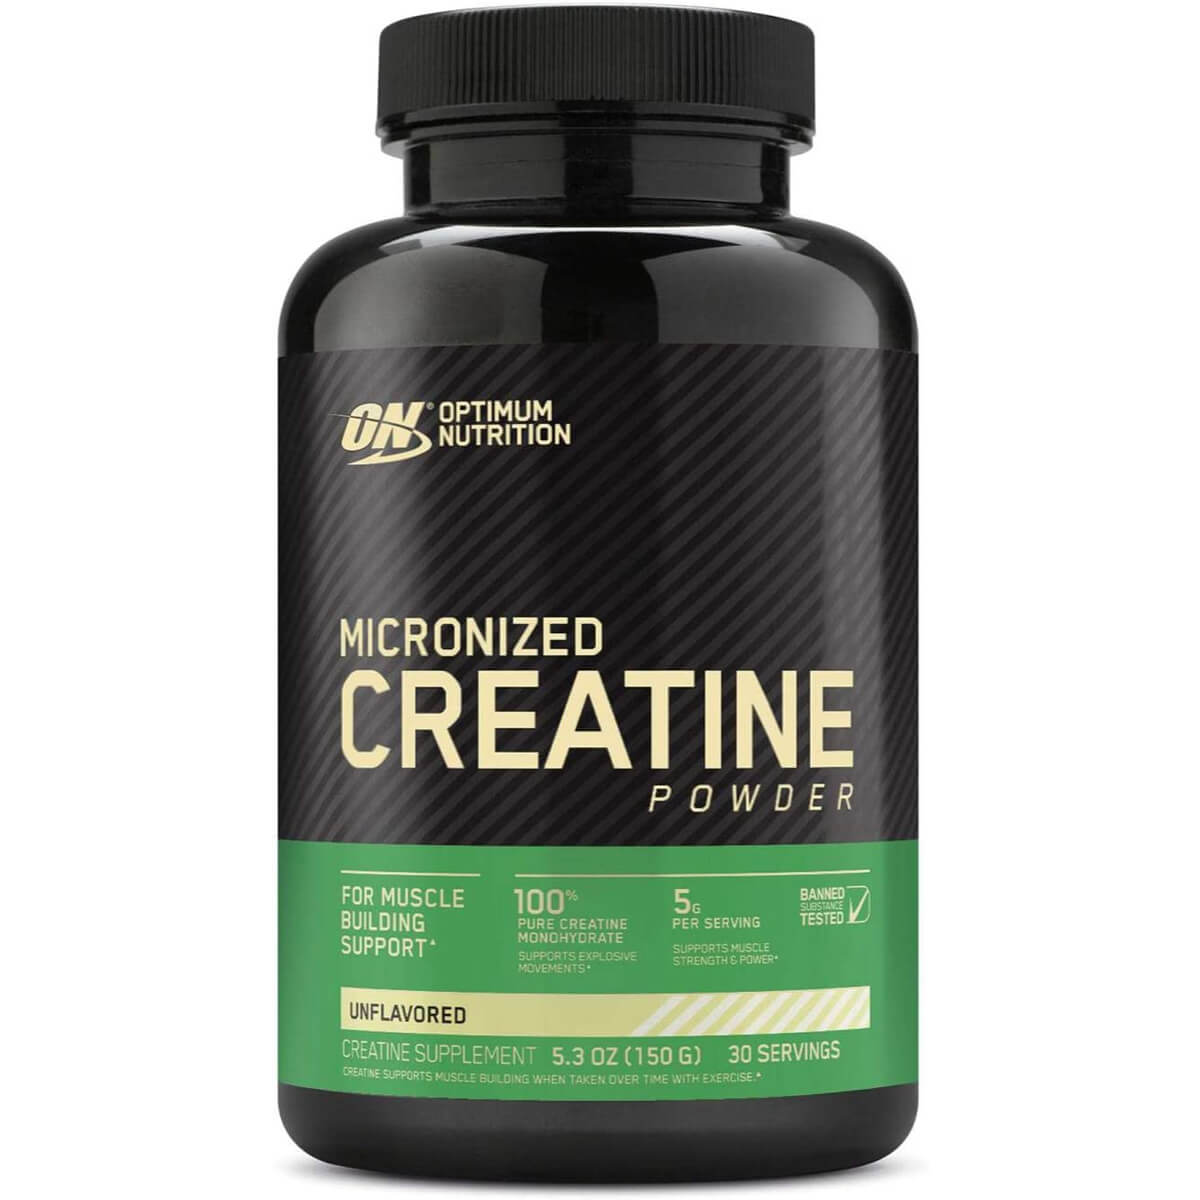 Creatine creapure 150g -Optimum Nutrition